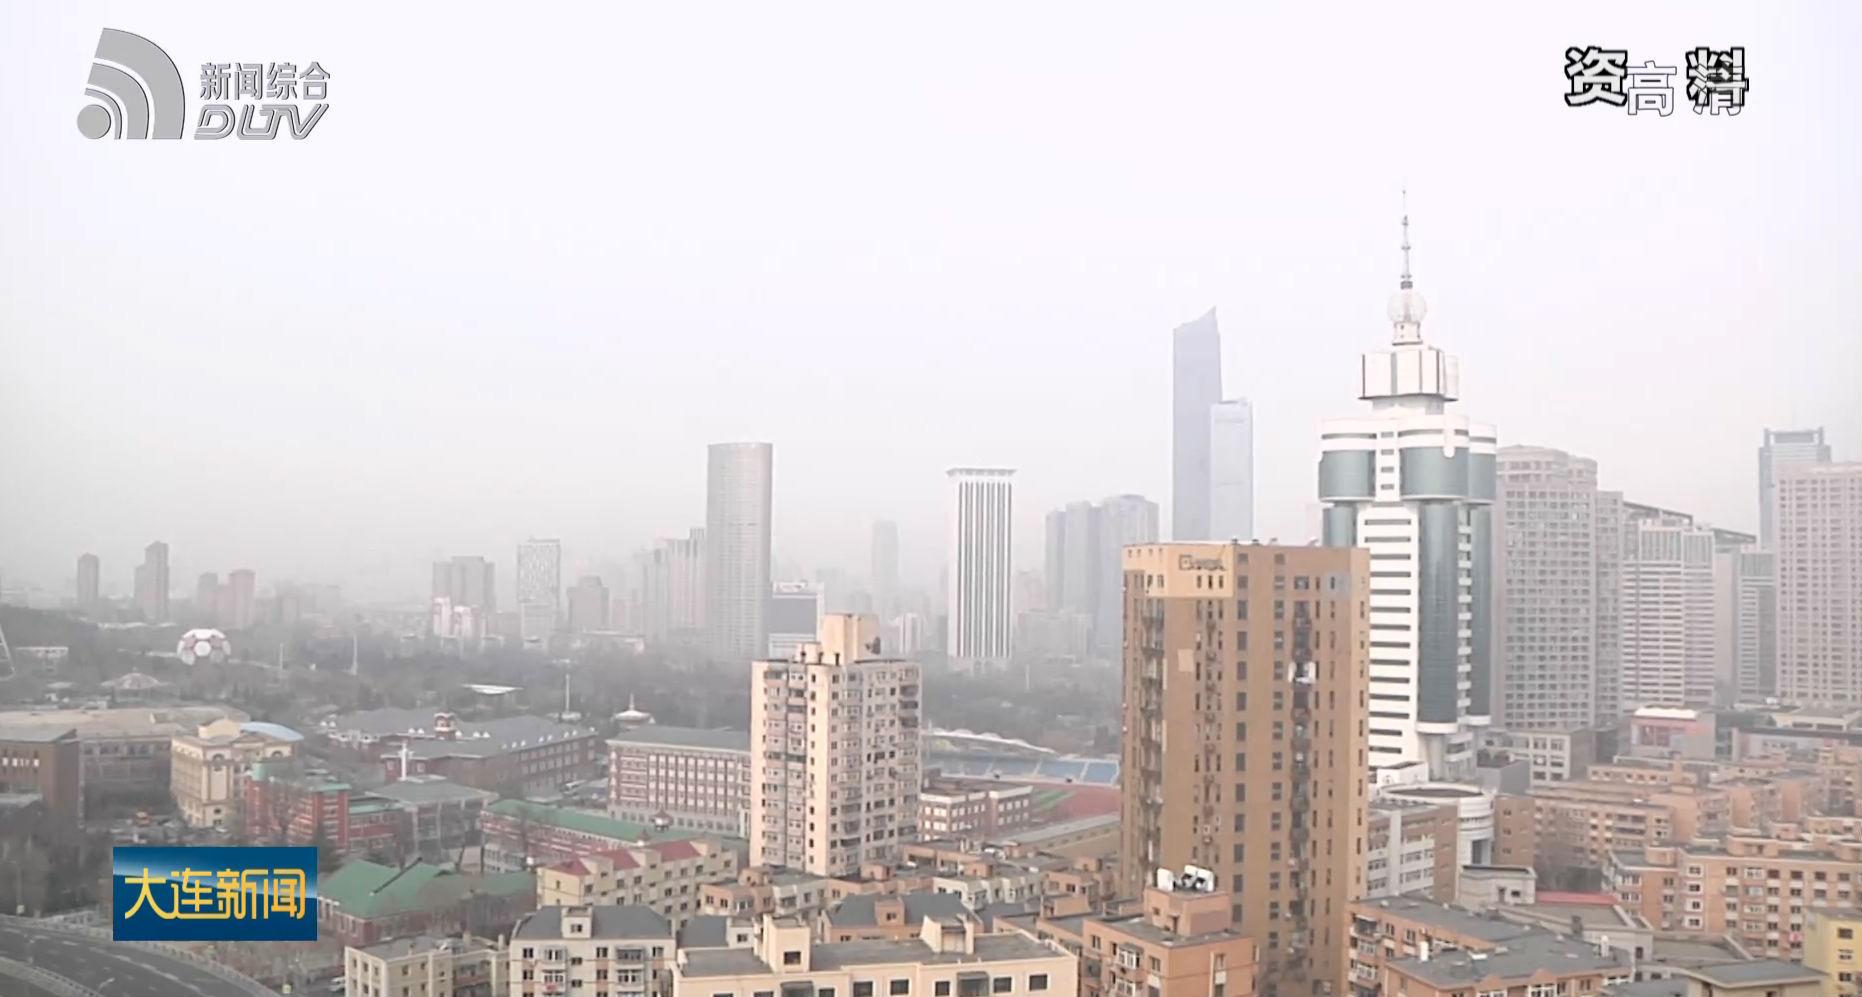 告別霧霾天 空氣質量好轉